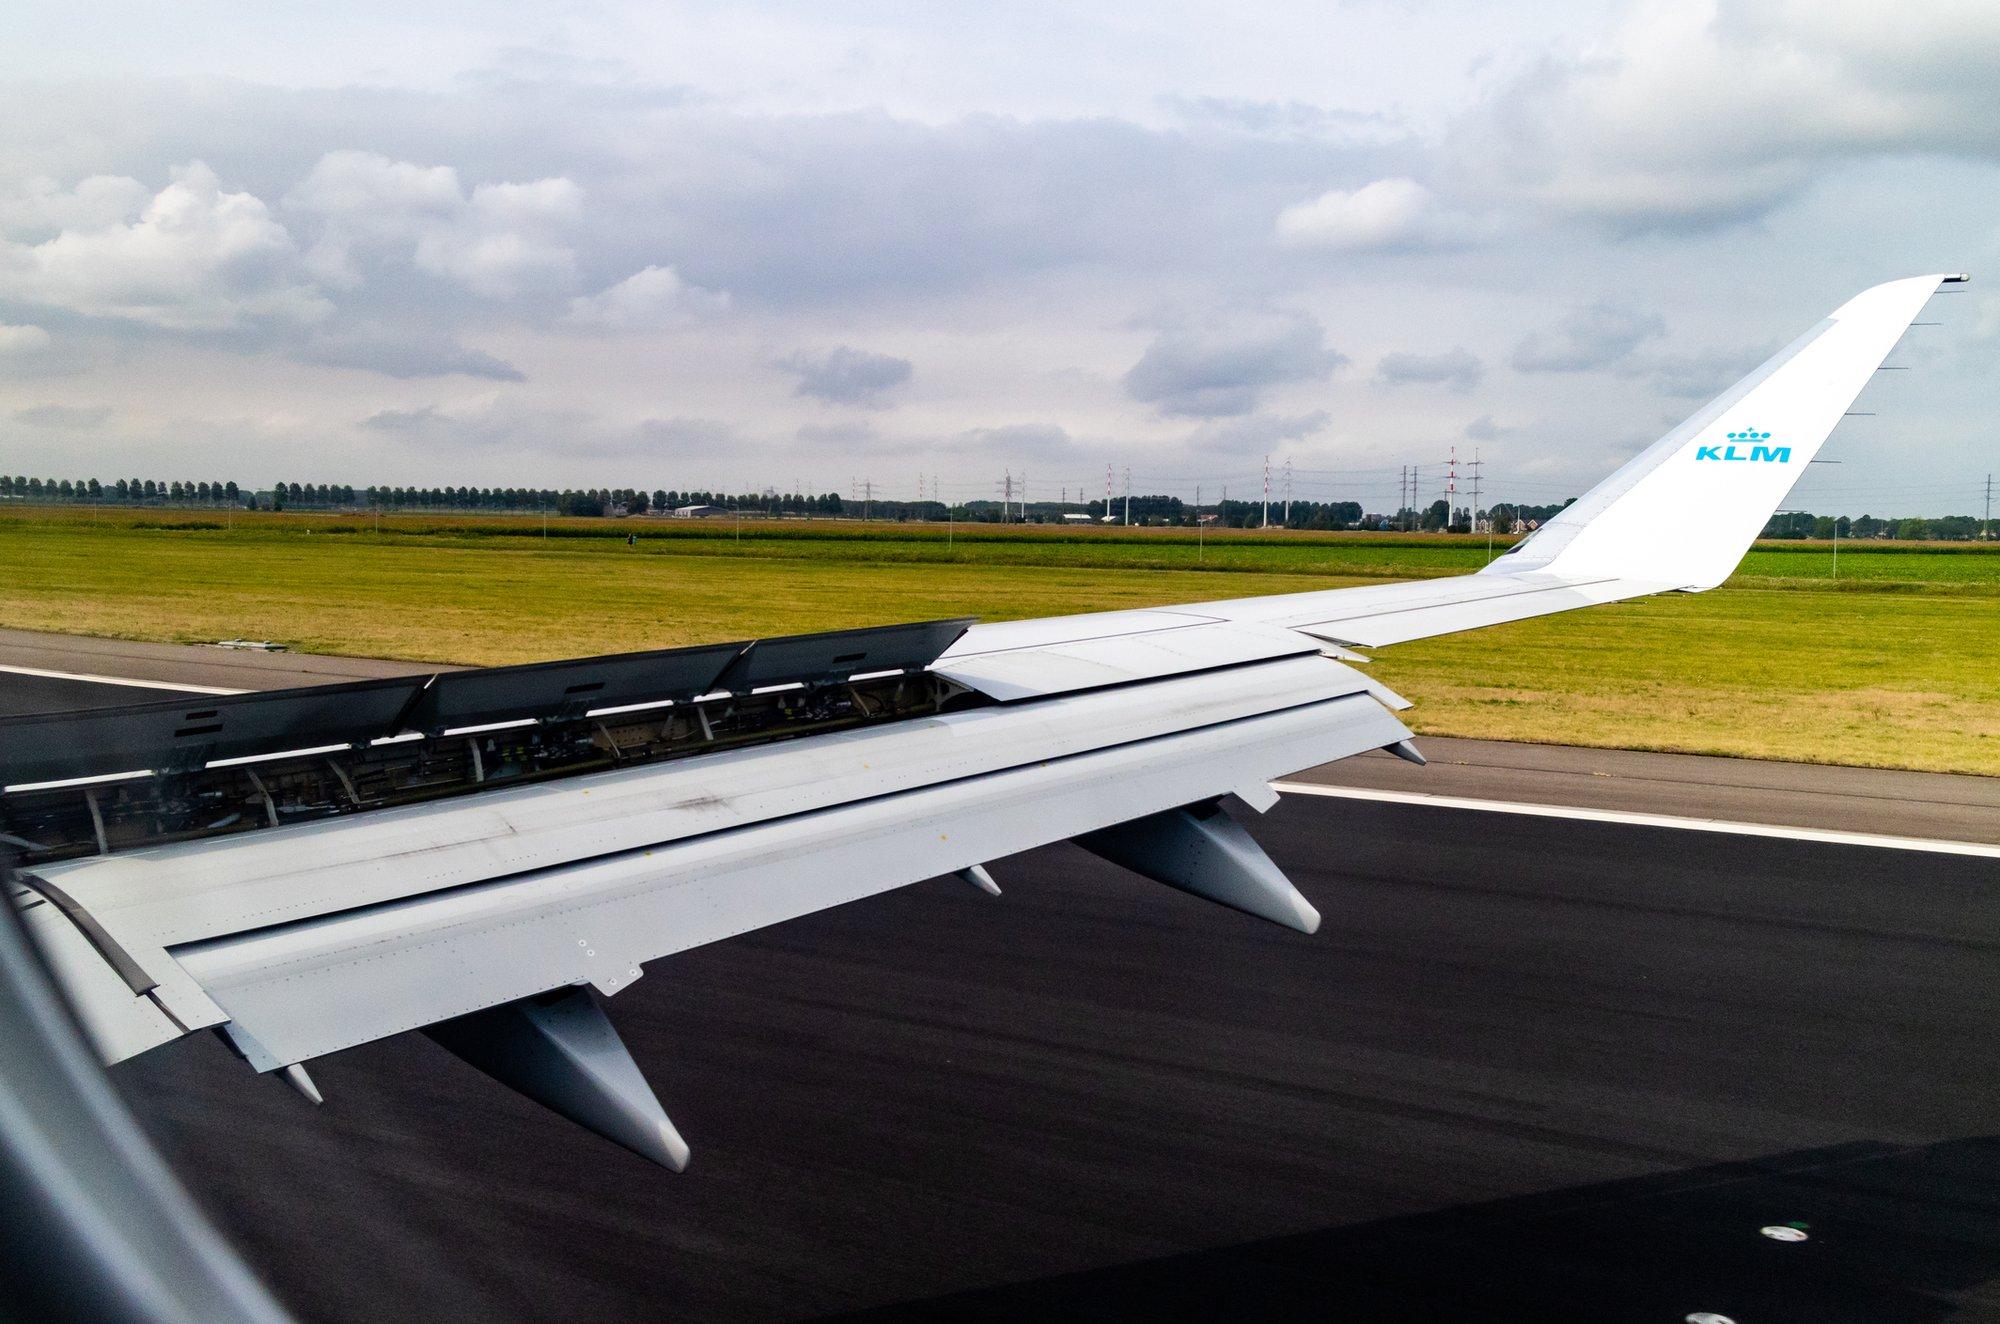 Verkoop taxfree-artikelen bij KLM komt tot een einde